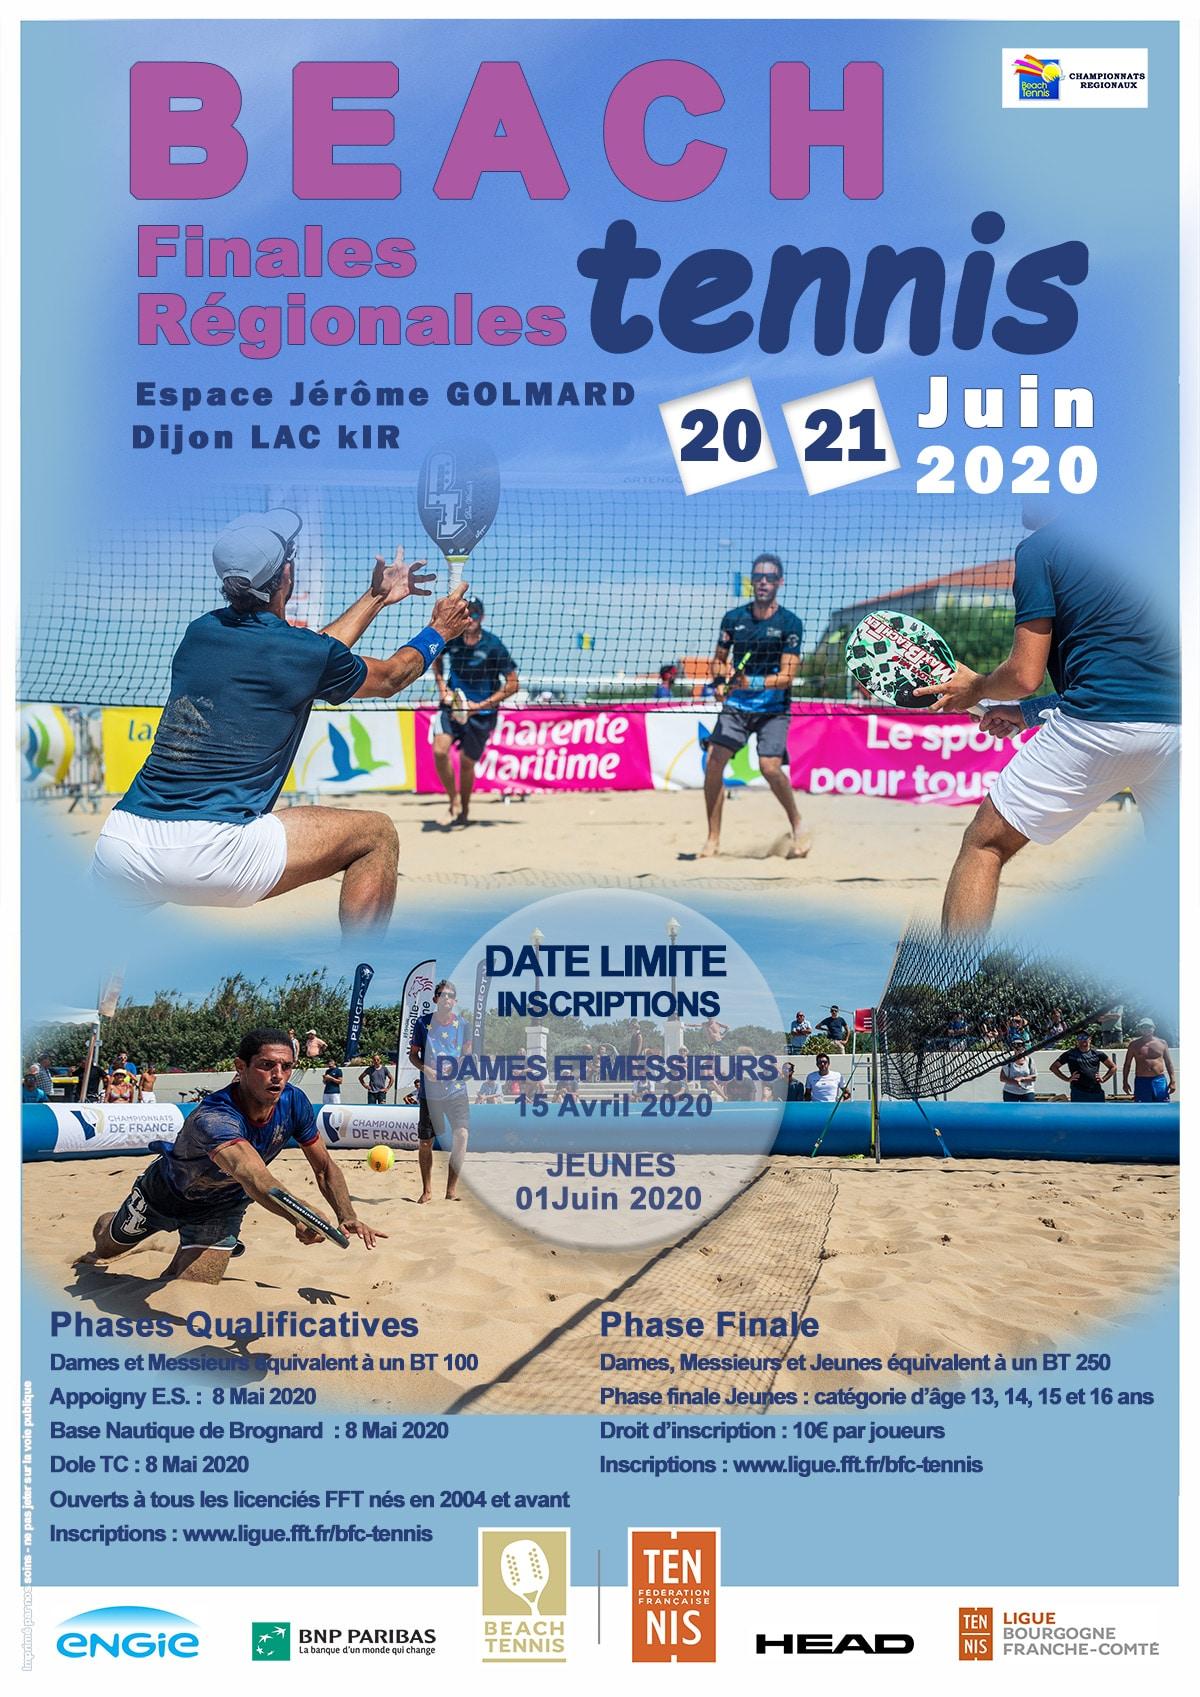 Beach Tennis Finales Régionales Ligue BFC